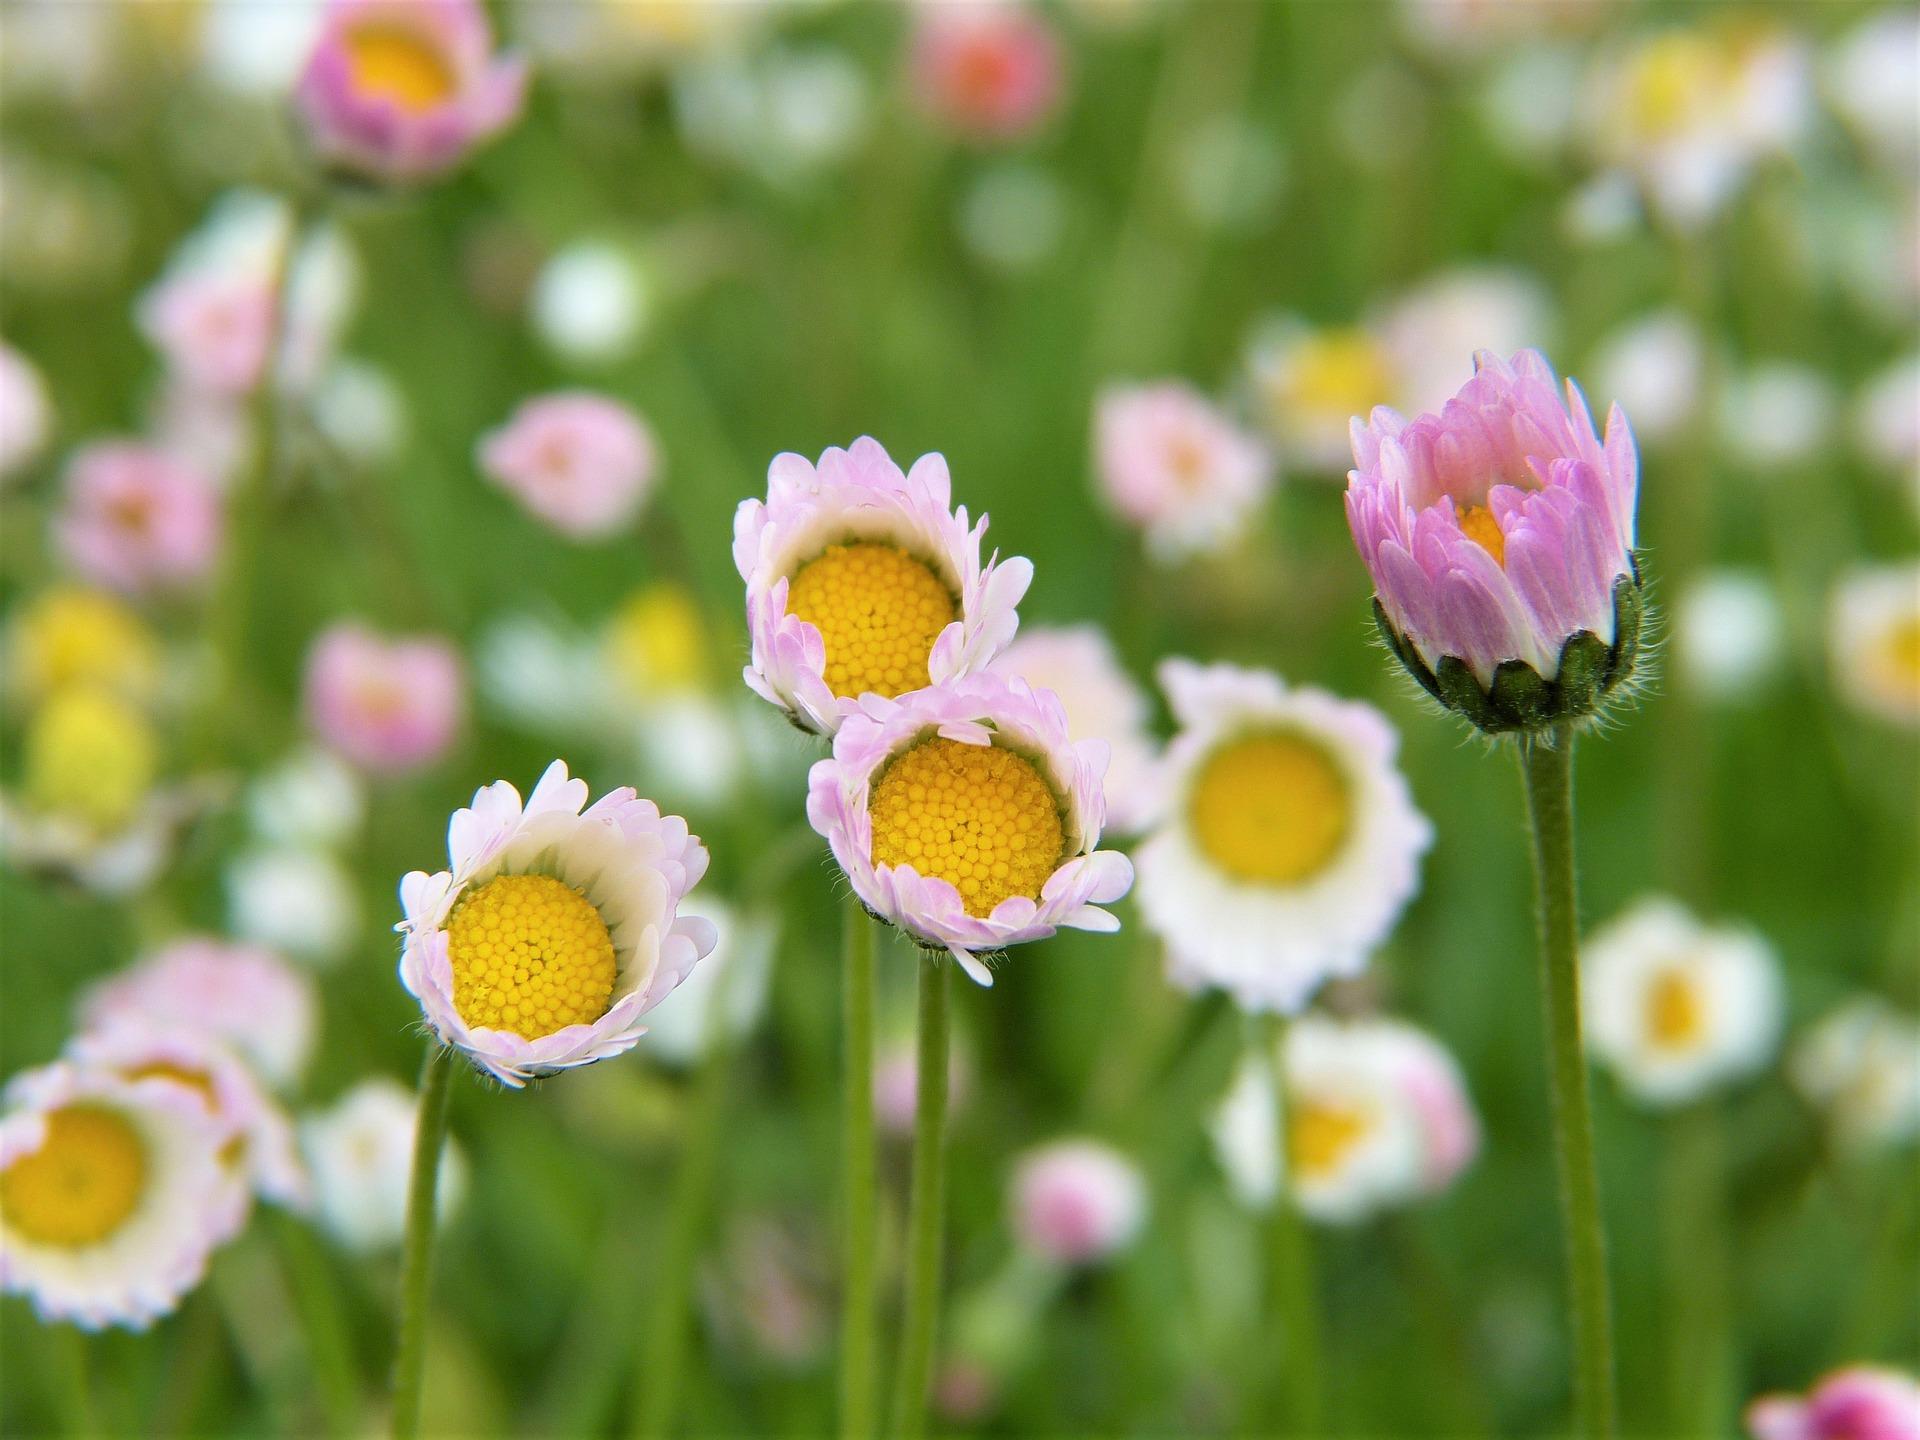 daisy-2232604_1920